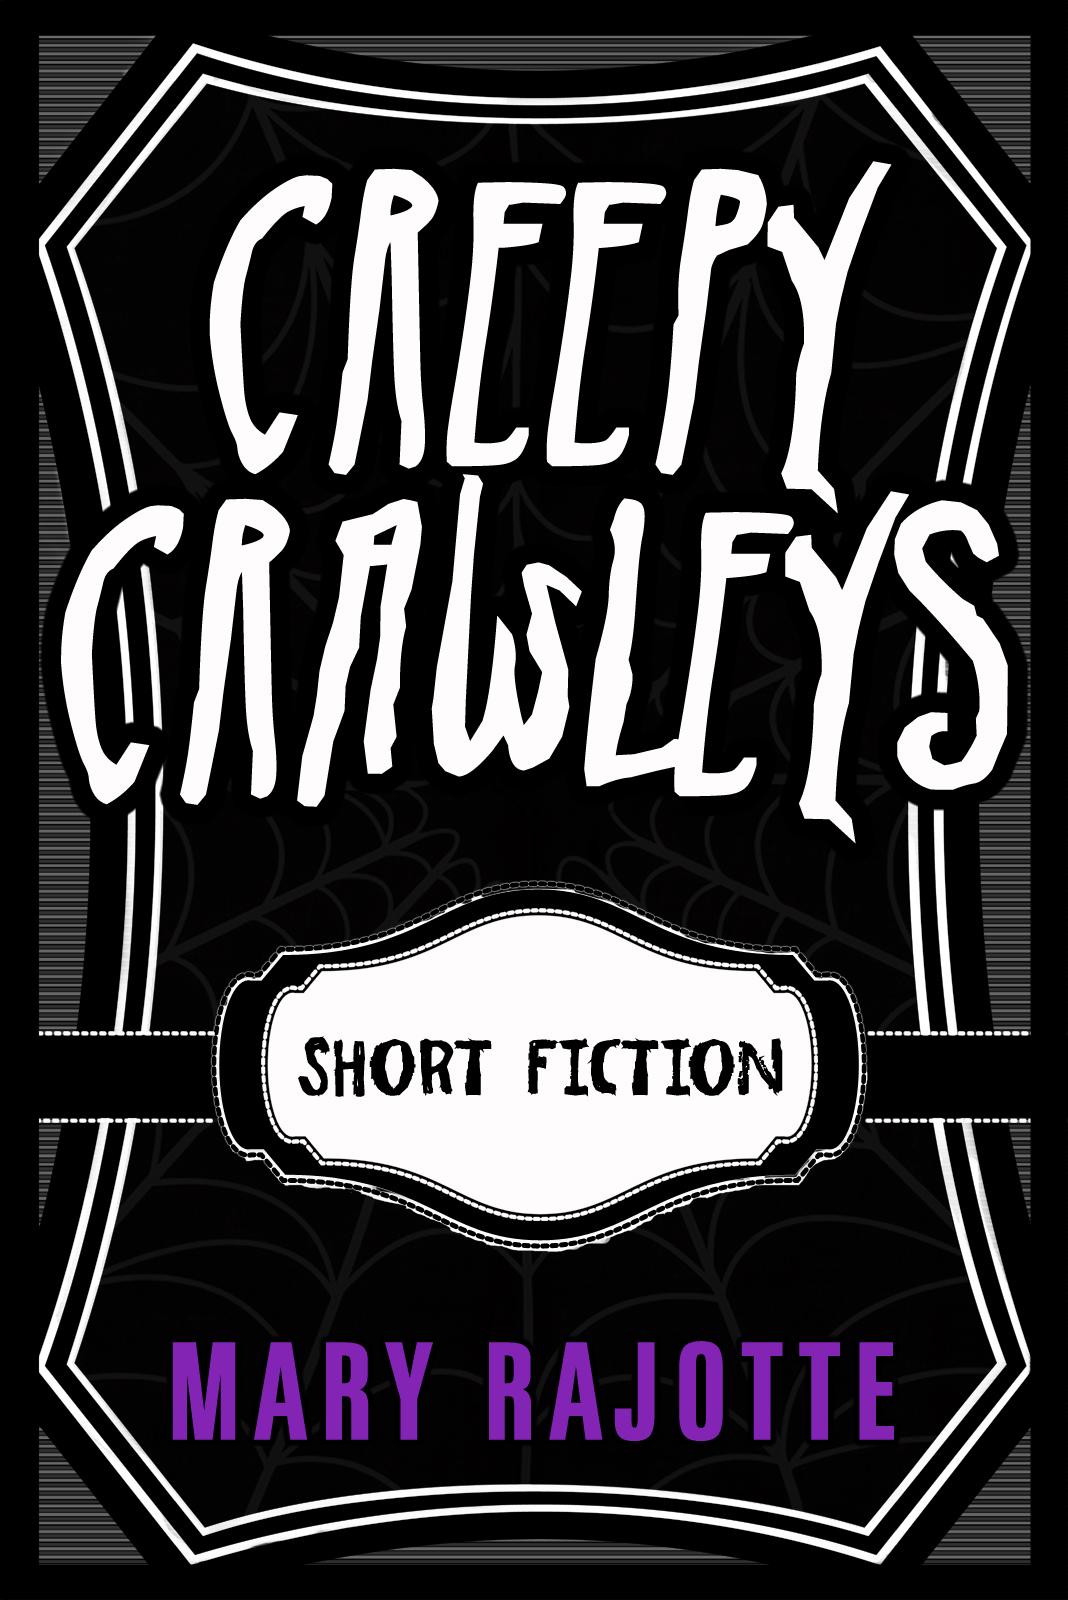 creepycrawleys_cover